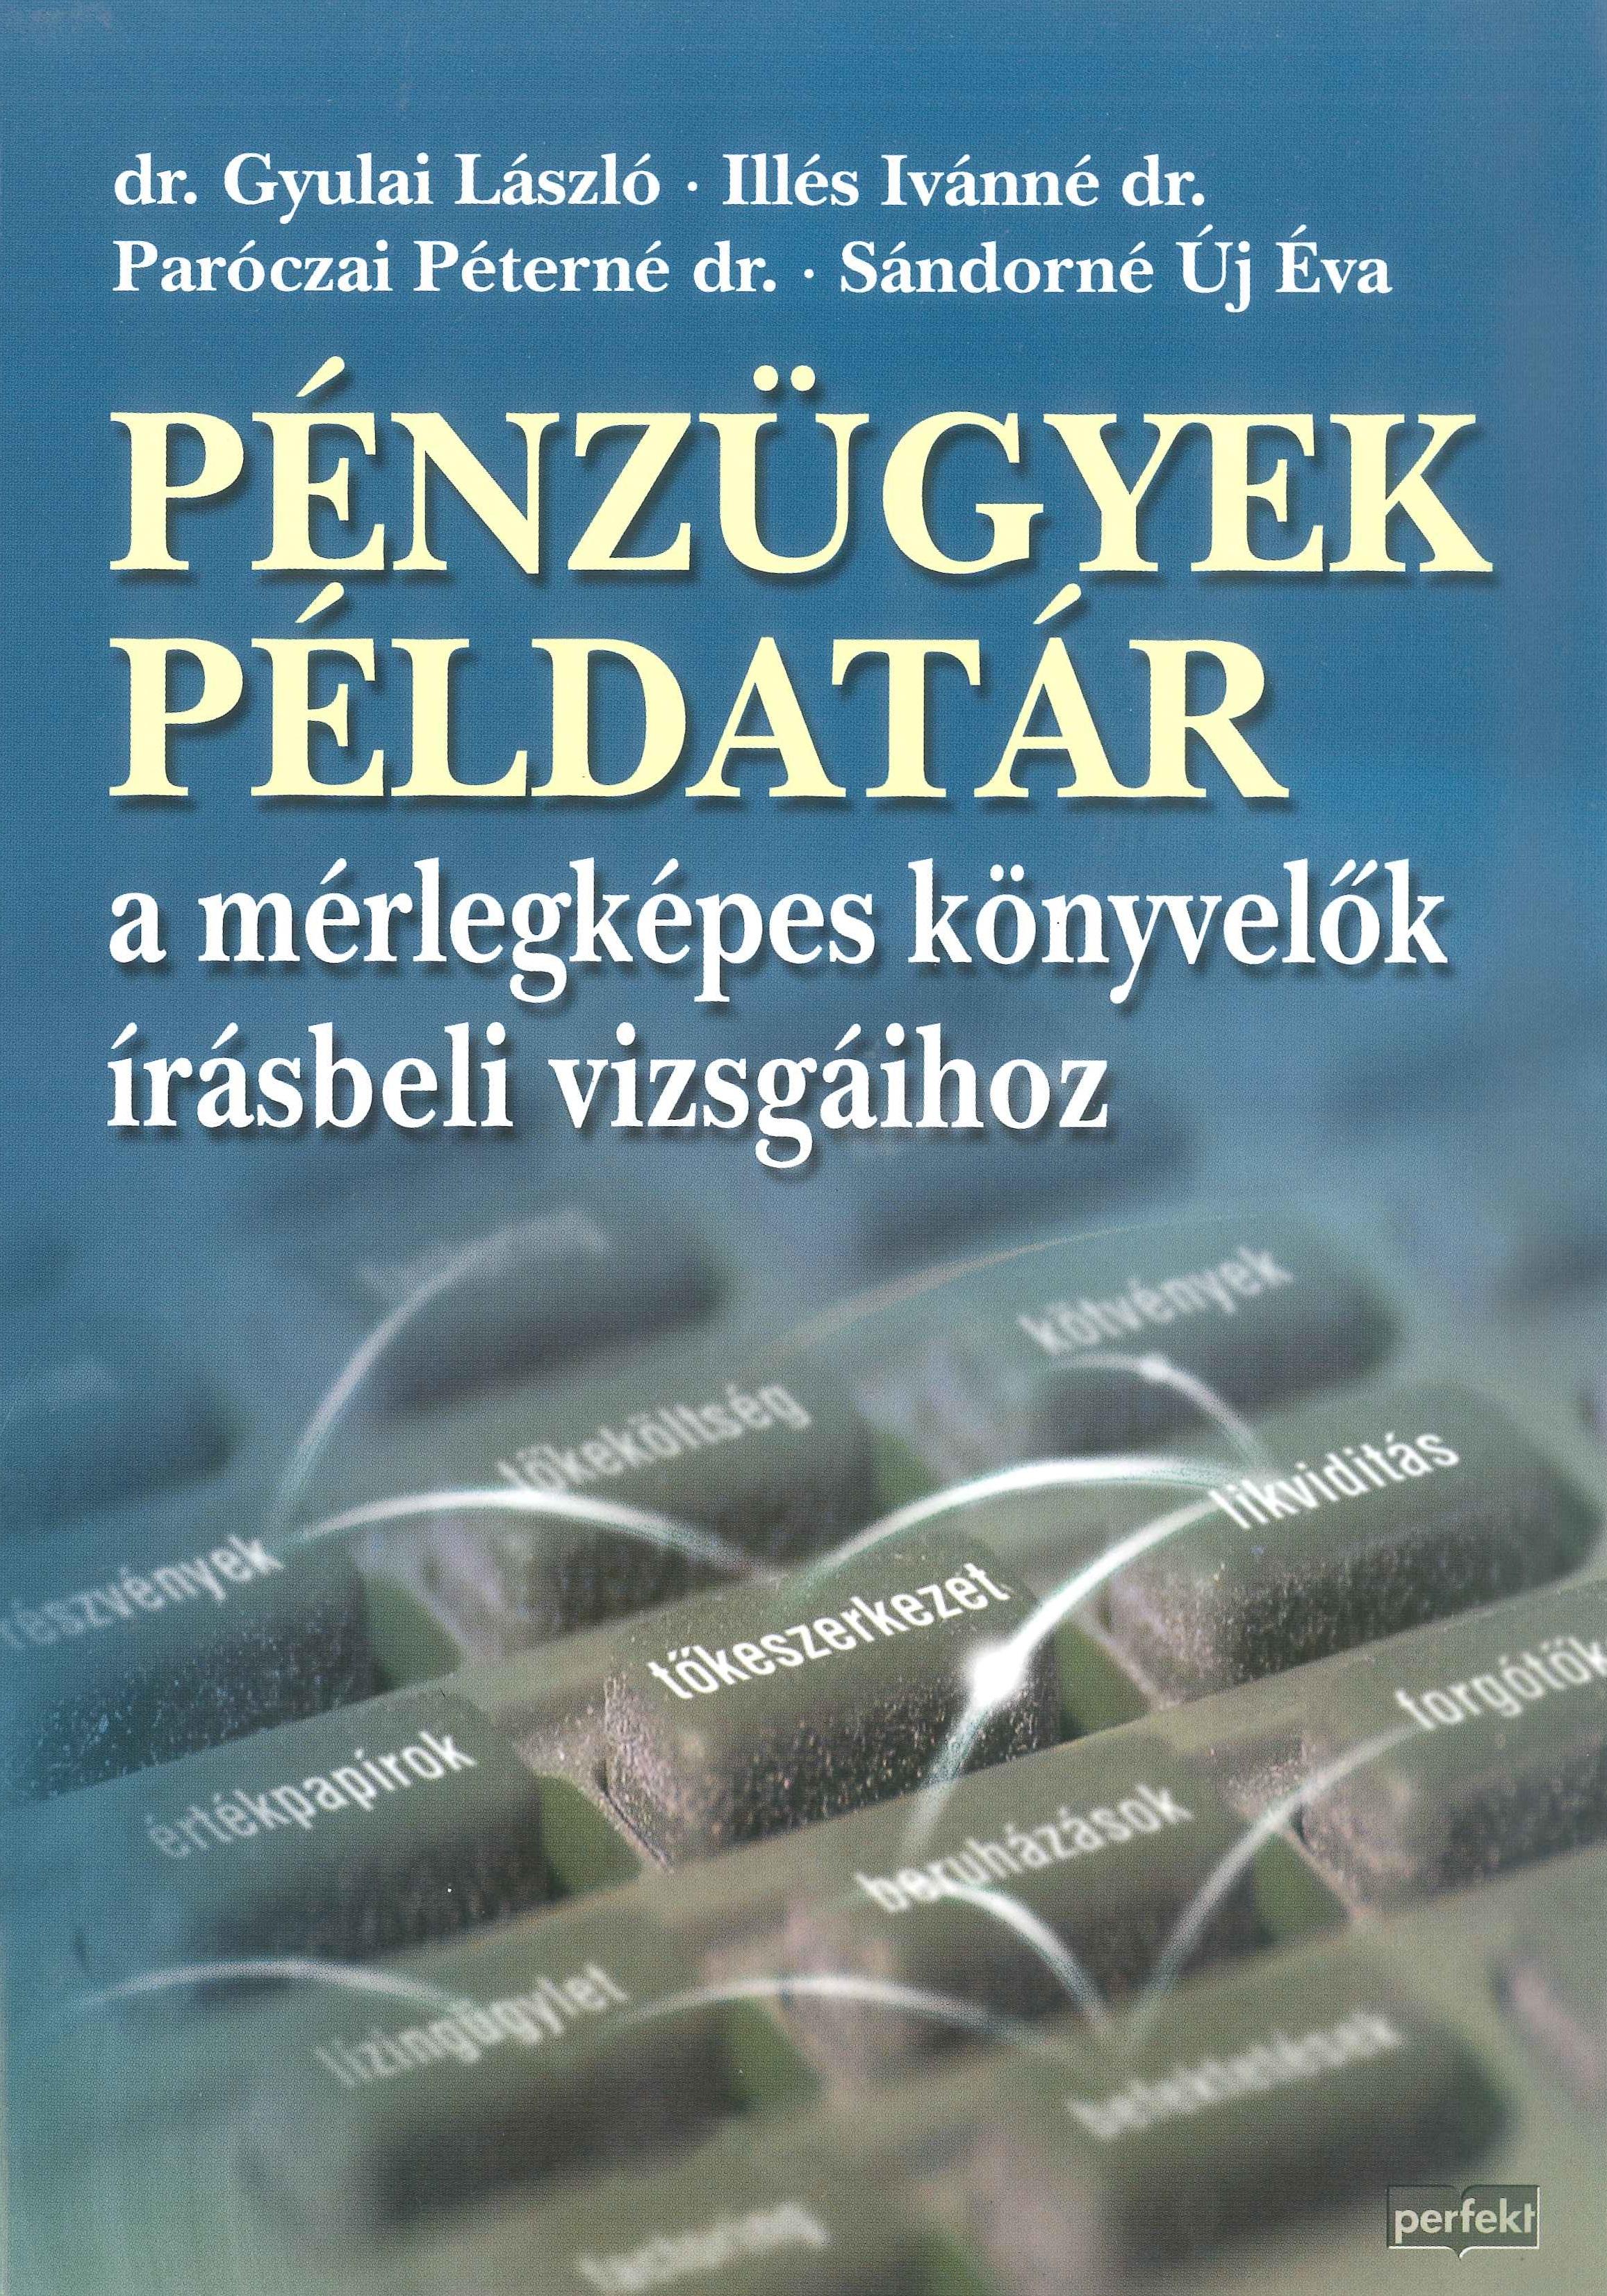 Pénzügyek példatár a mérlegképes könyvelők írásbeli vizsgáihoz (PR-012-P/08)